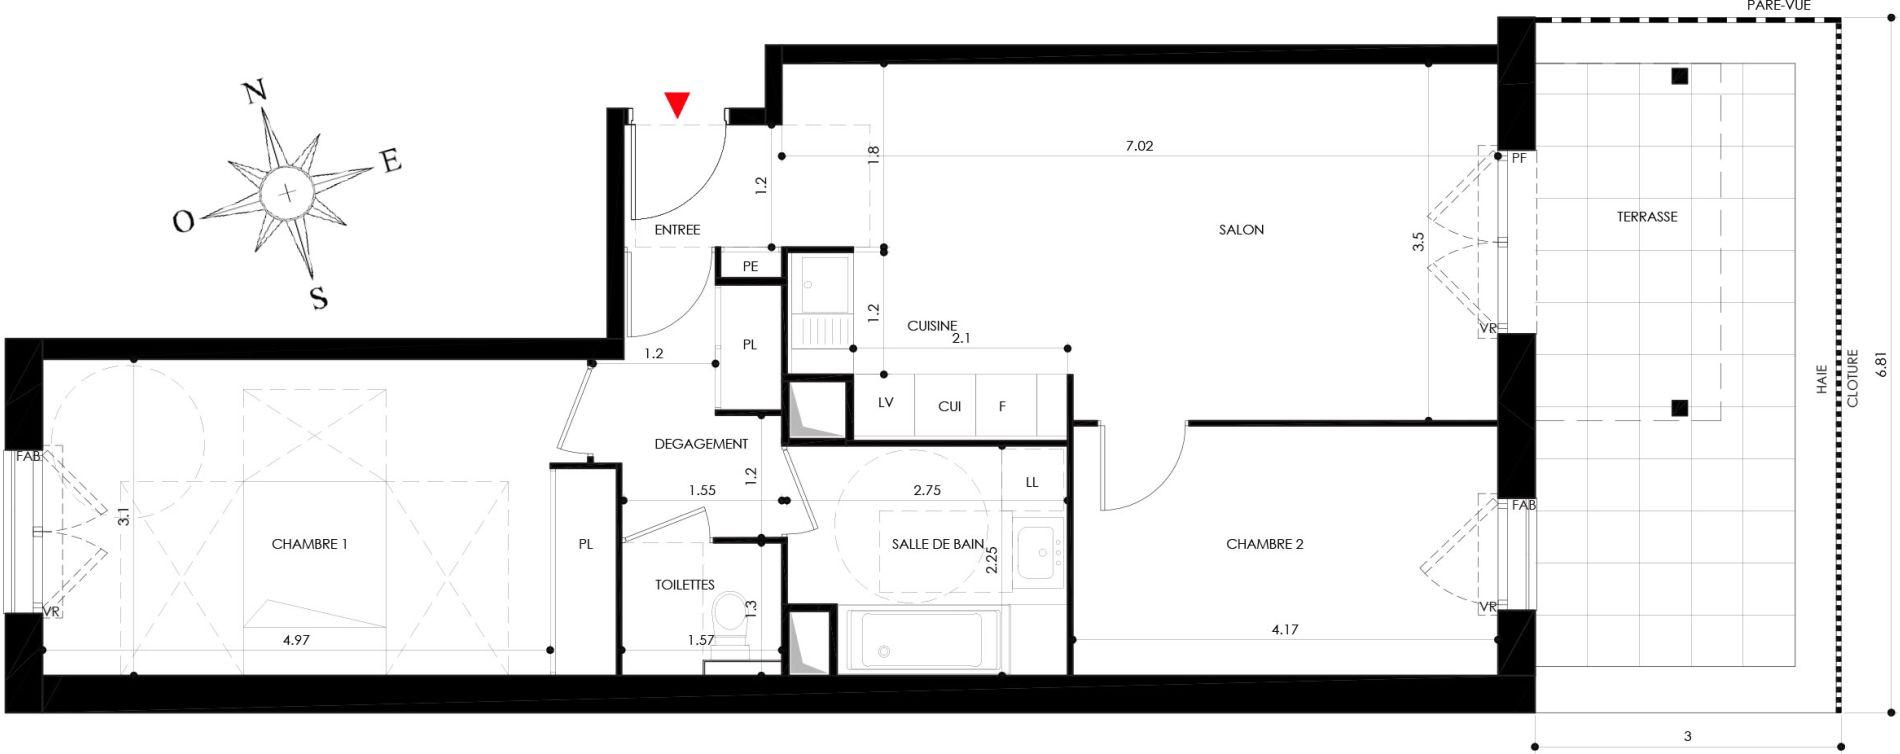 Appartement T3 de 67,00 m2 à Nancy Grand coeur